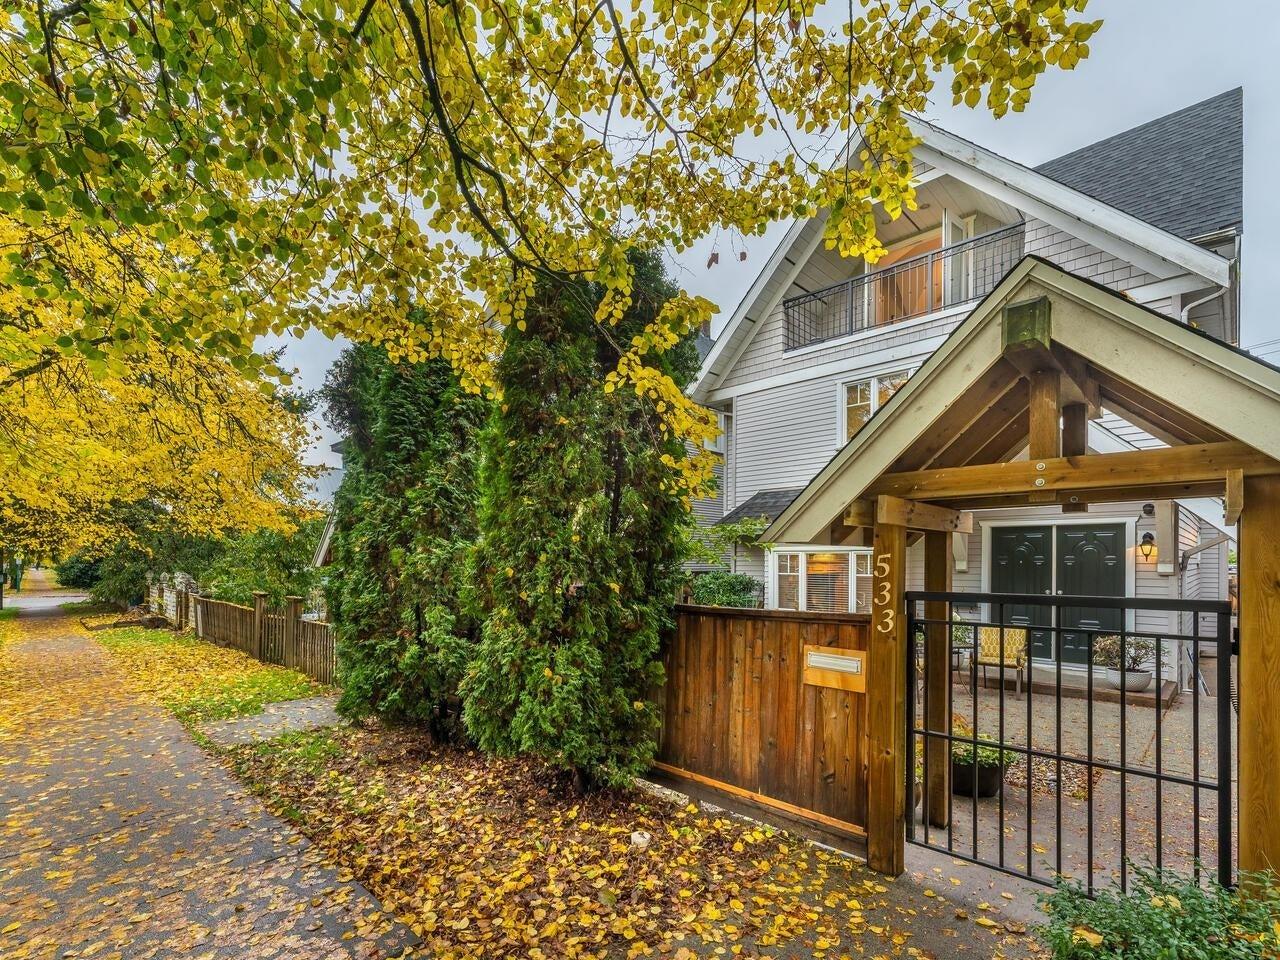 533 E 8TH AVENUE - Mount Pleasant VE 1/2 Duplex for sale, 4 Bedrooms (R2626966) - #1